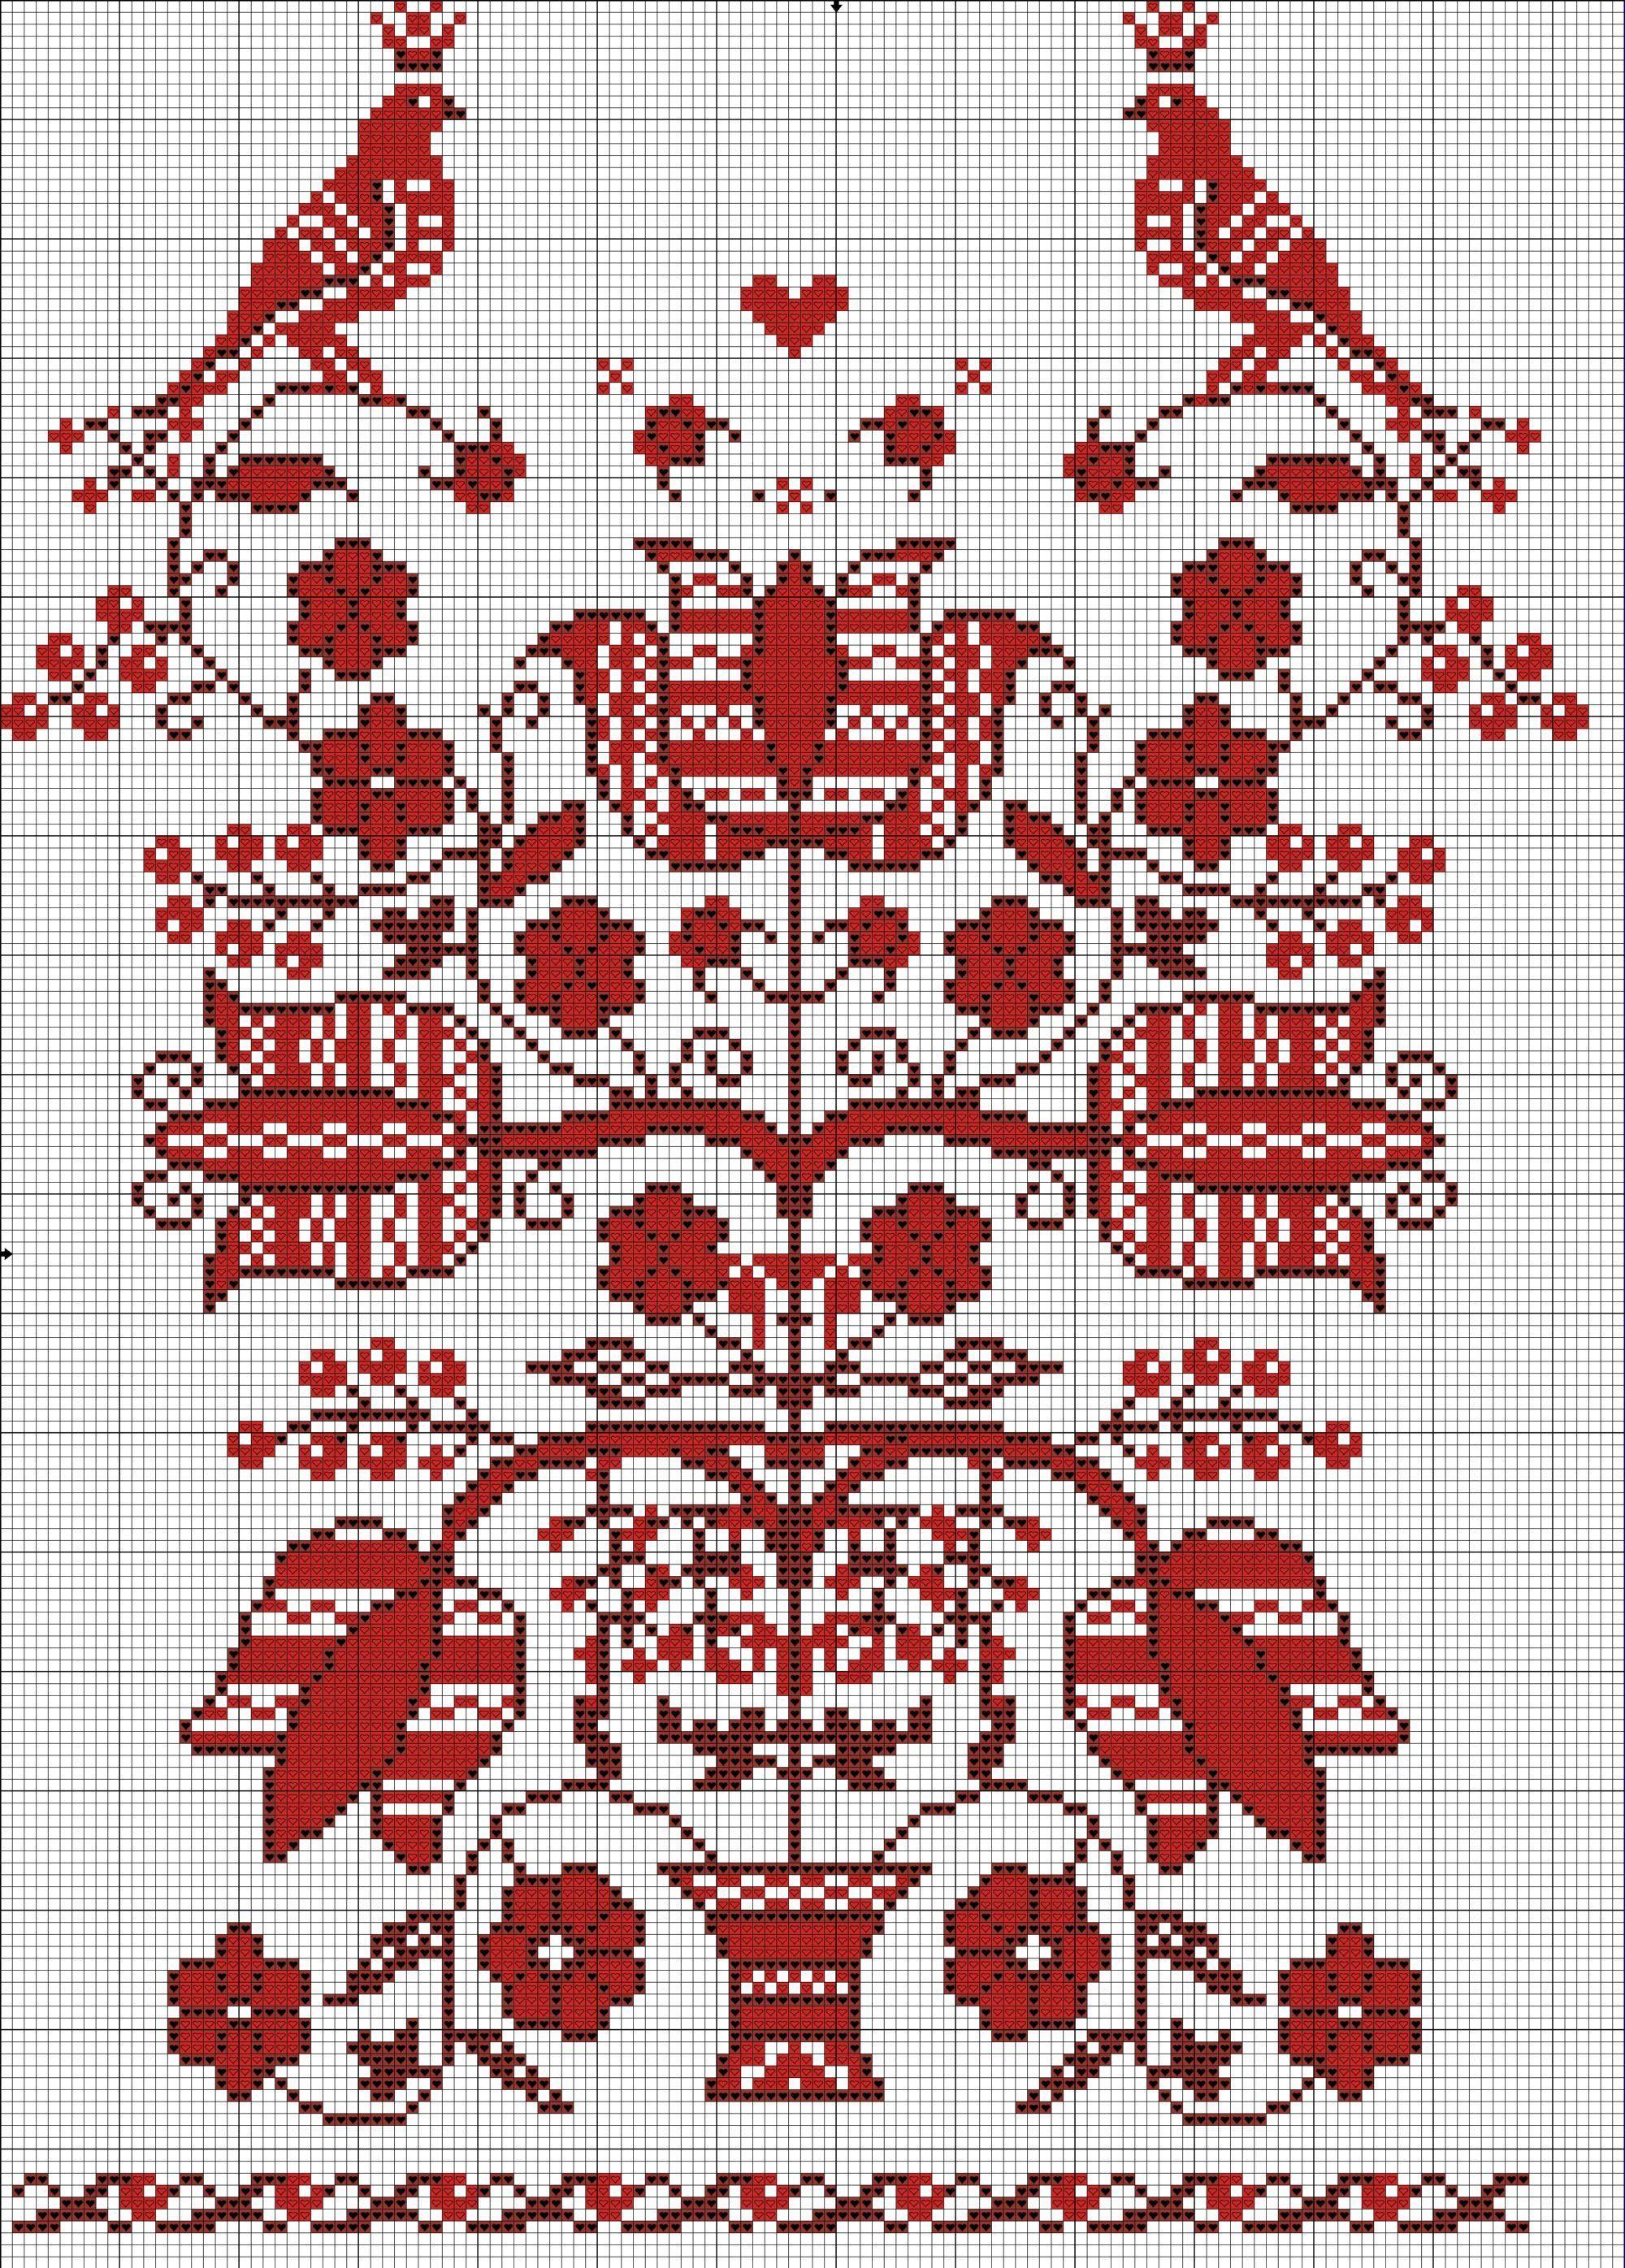 схема орнаментів весільних рушників